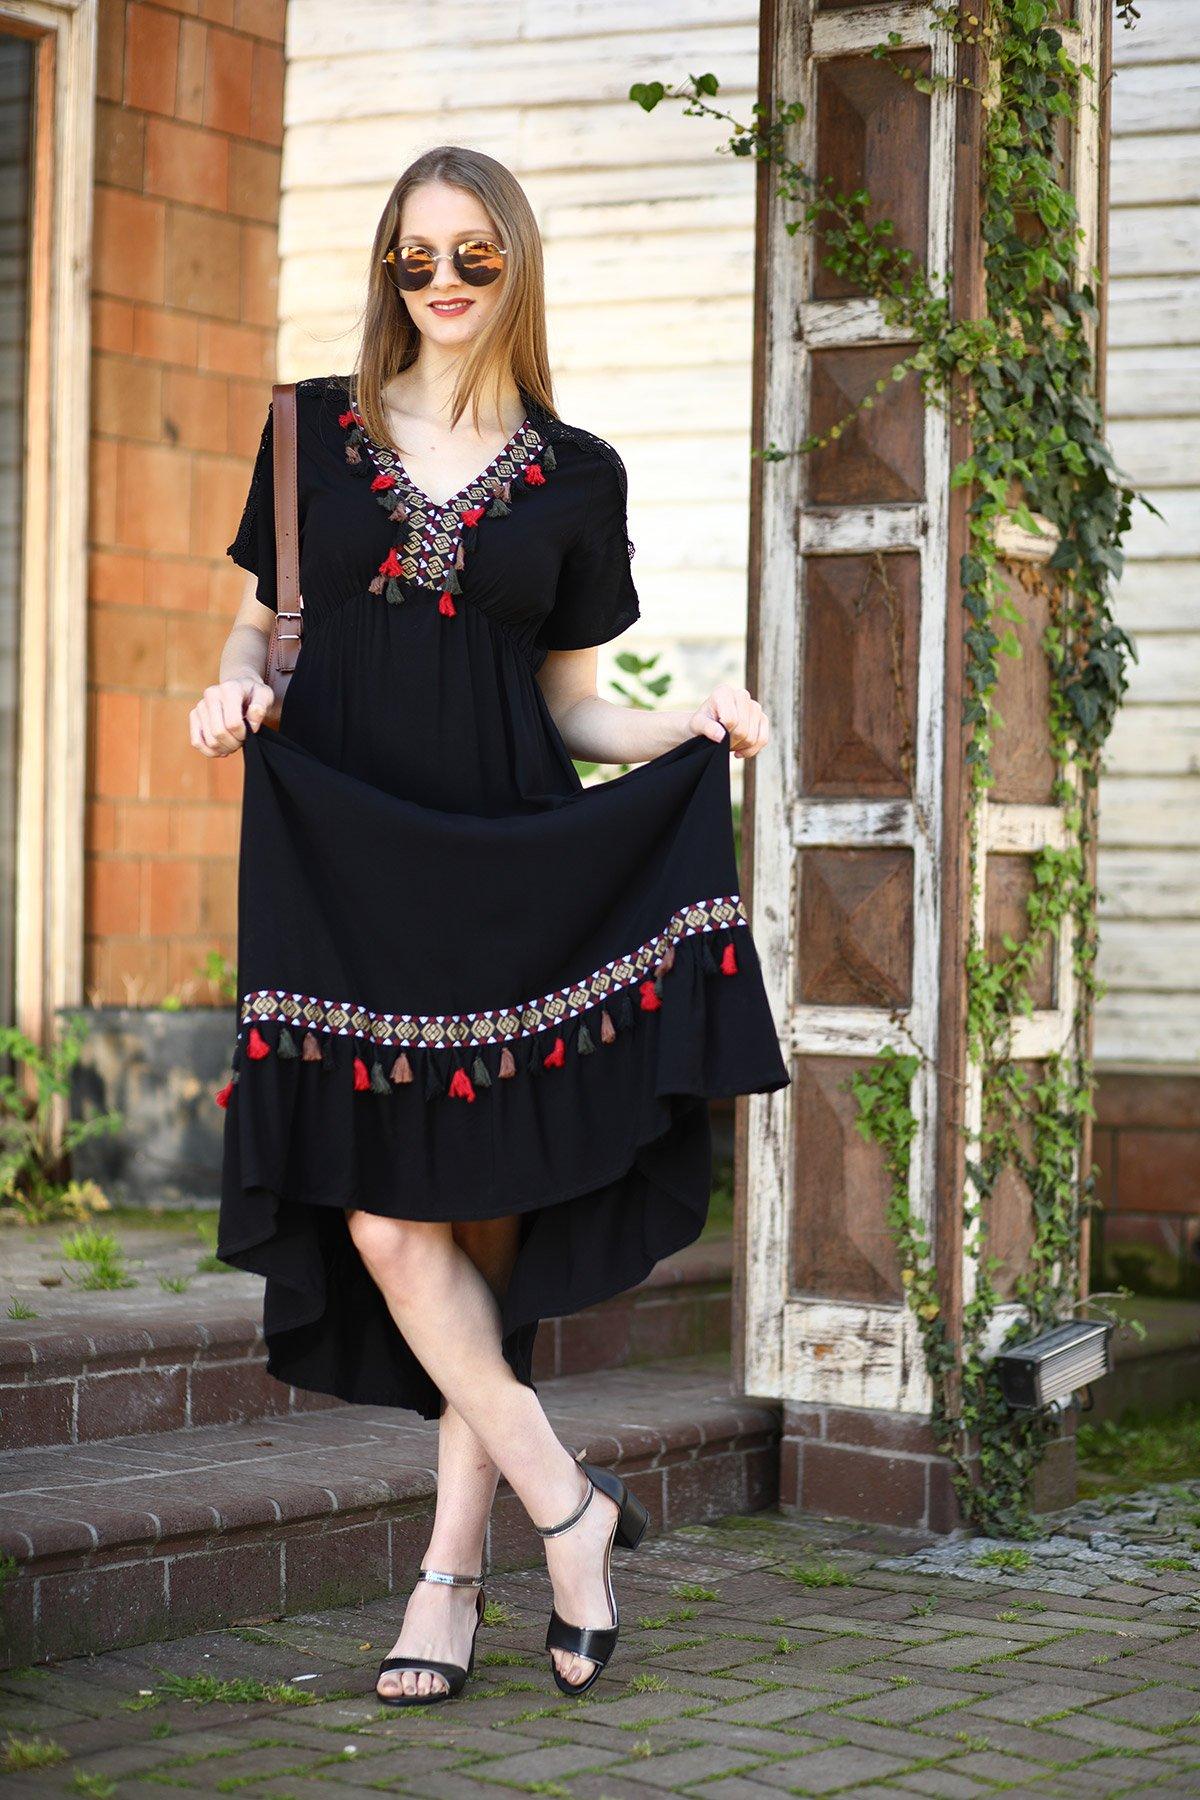 Dantel Detaylı Püsküllü Etnik Desen Elbise